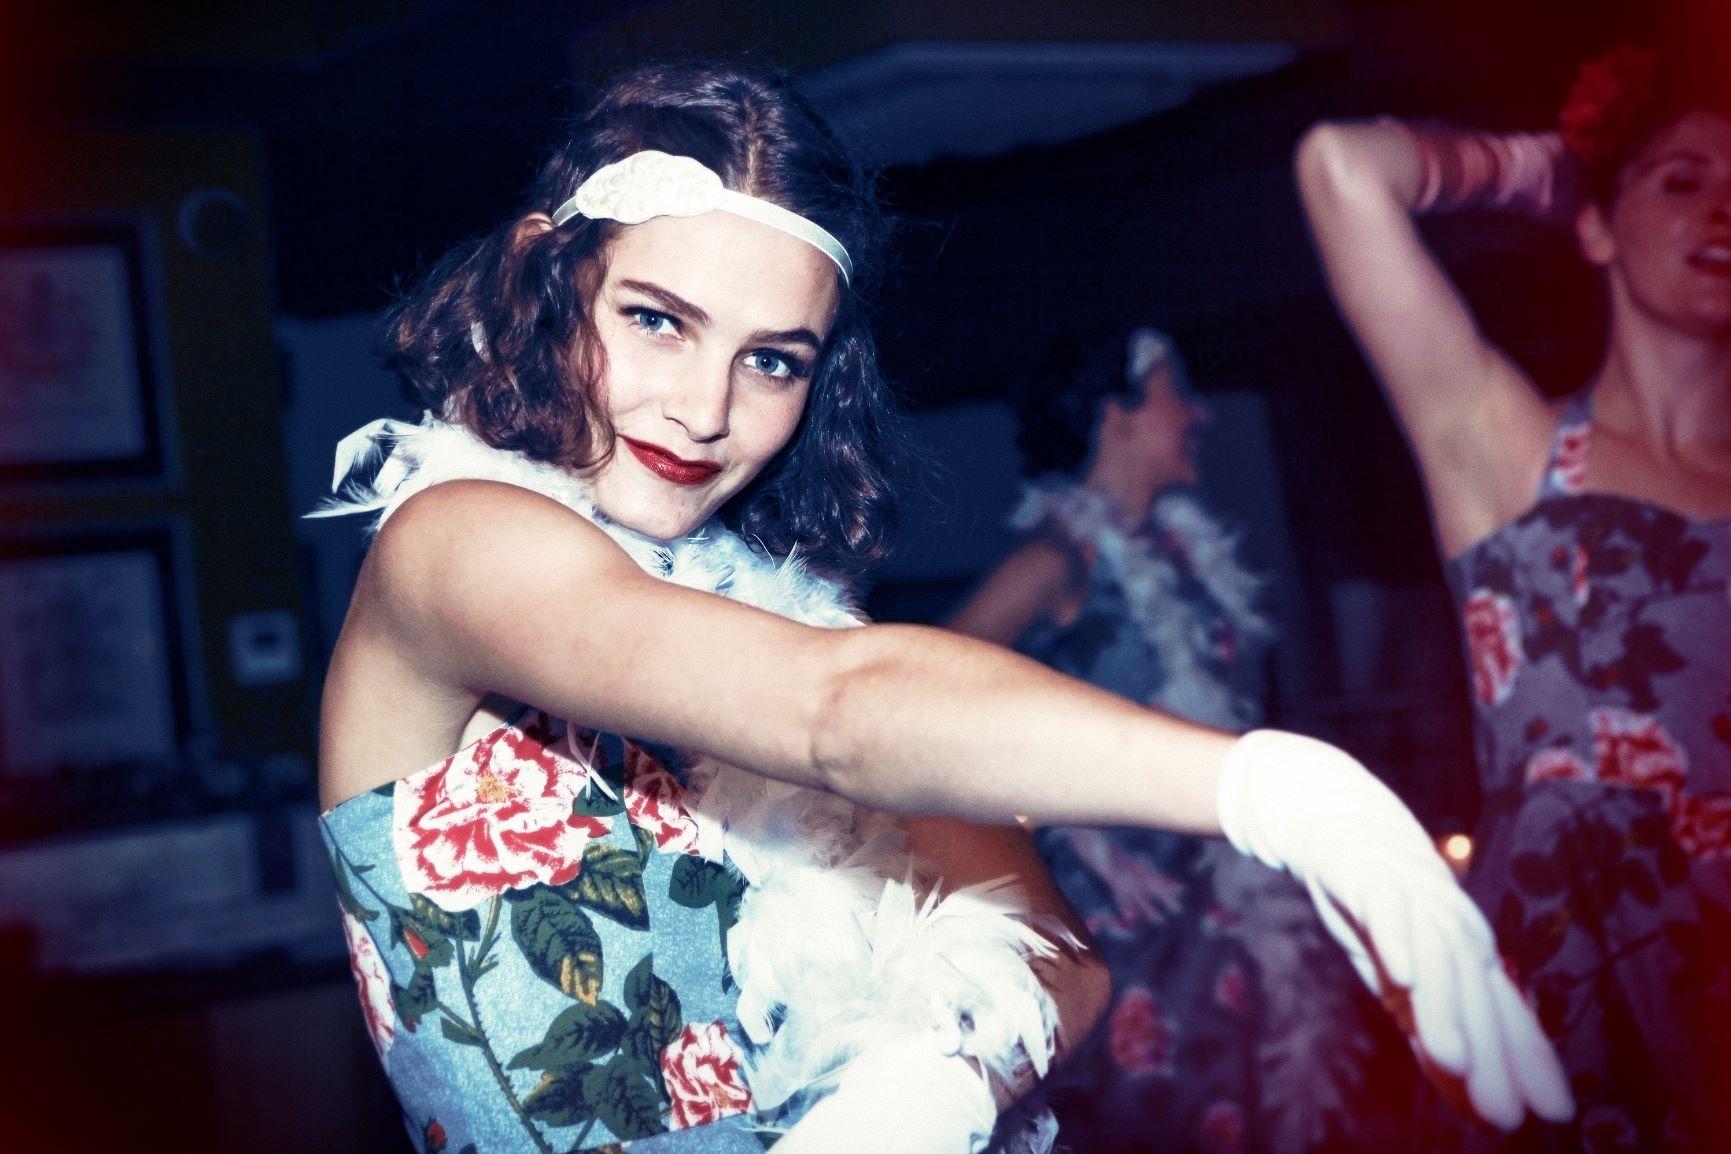 dancer showgirl